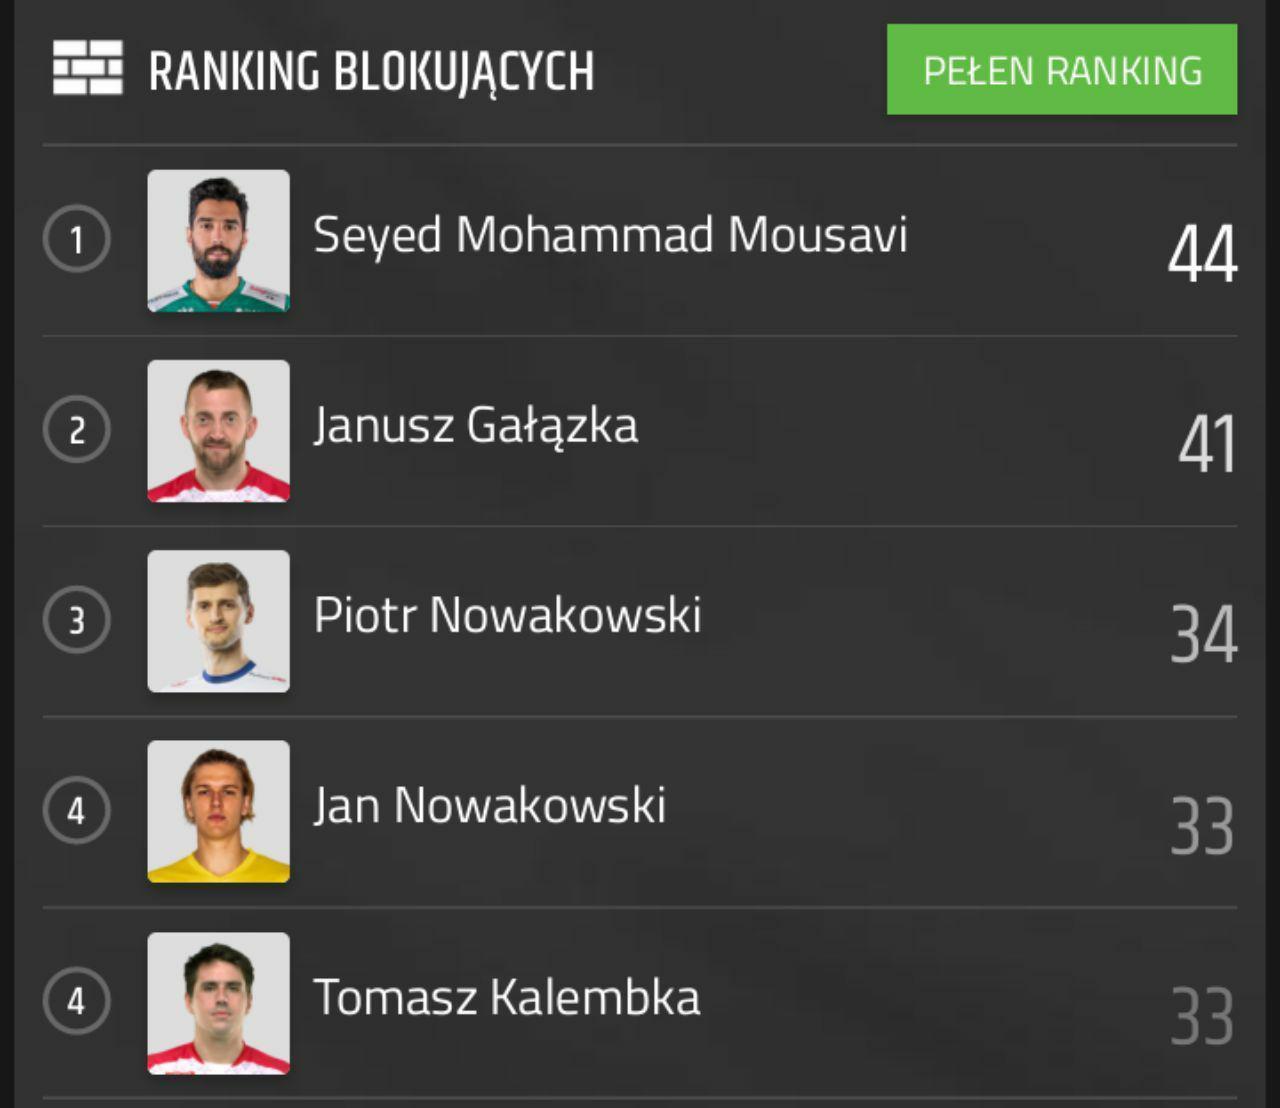 یک ایرانی برترین مدافع لیگ برتر والیبال لهستان